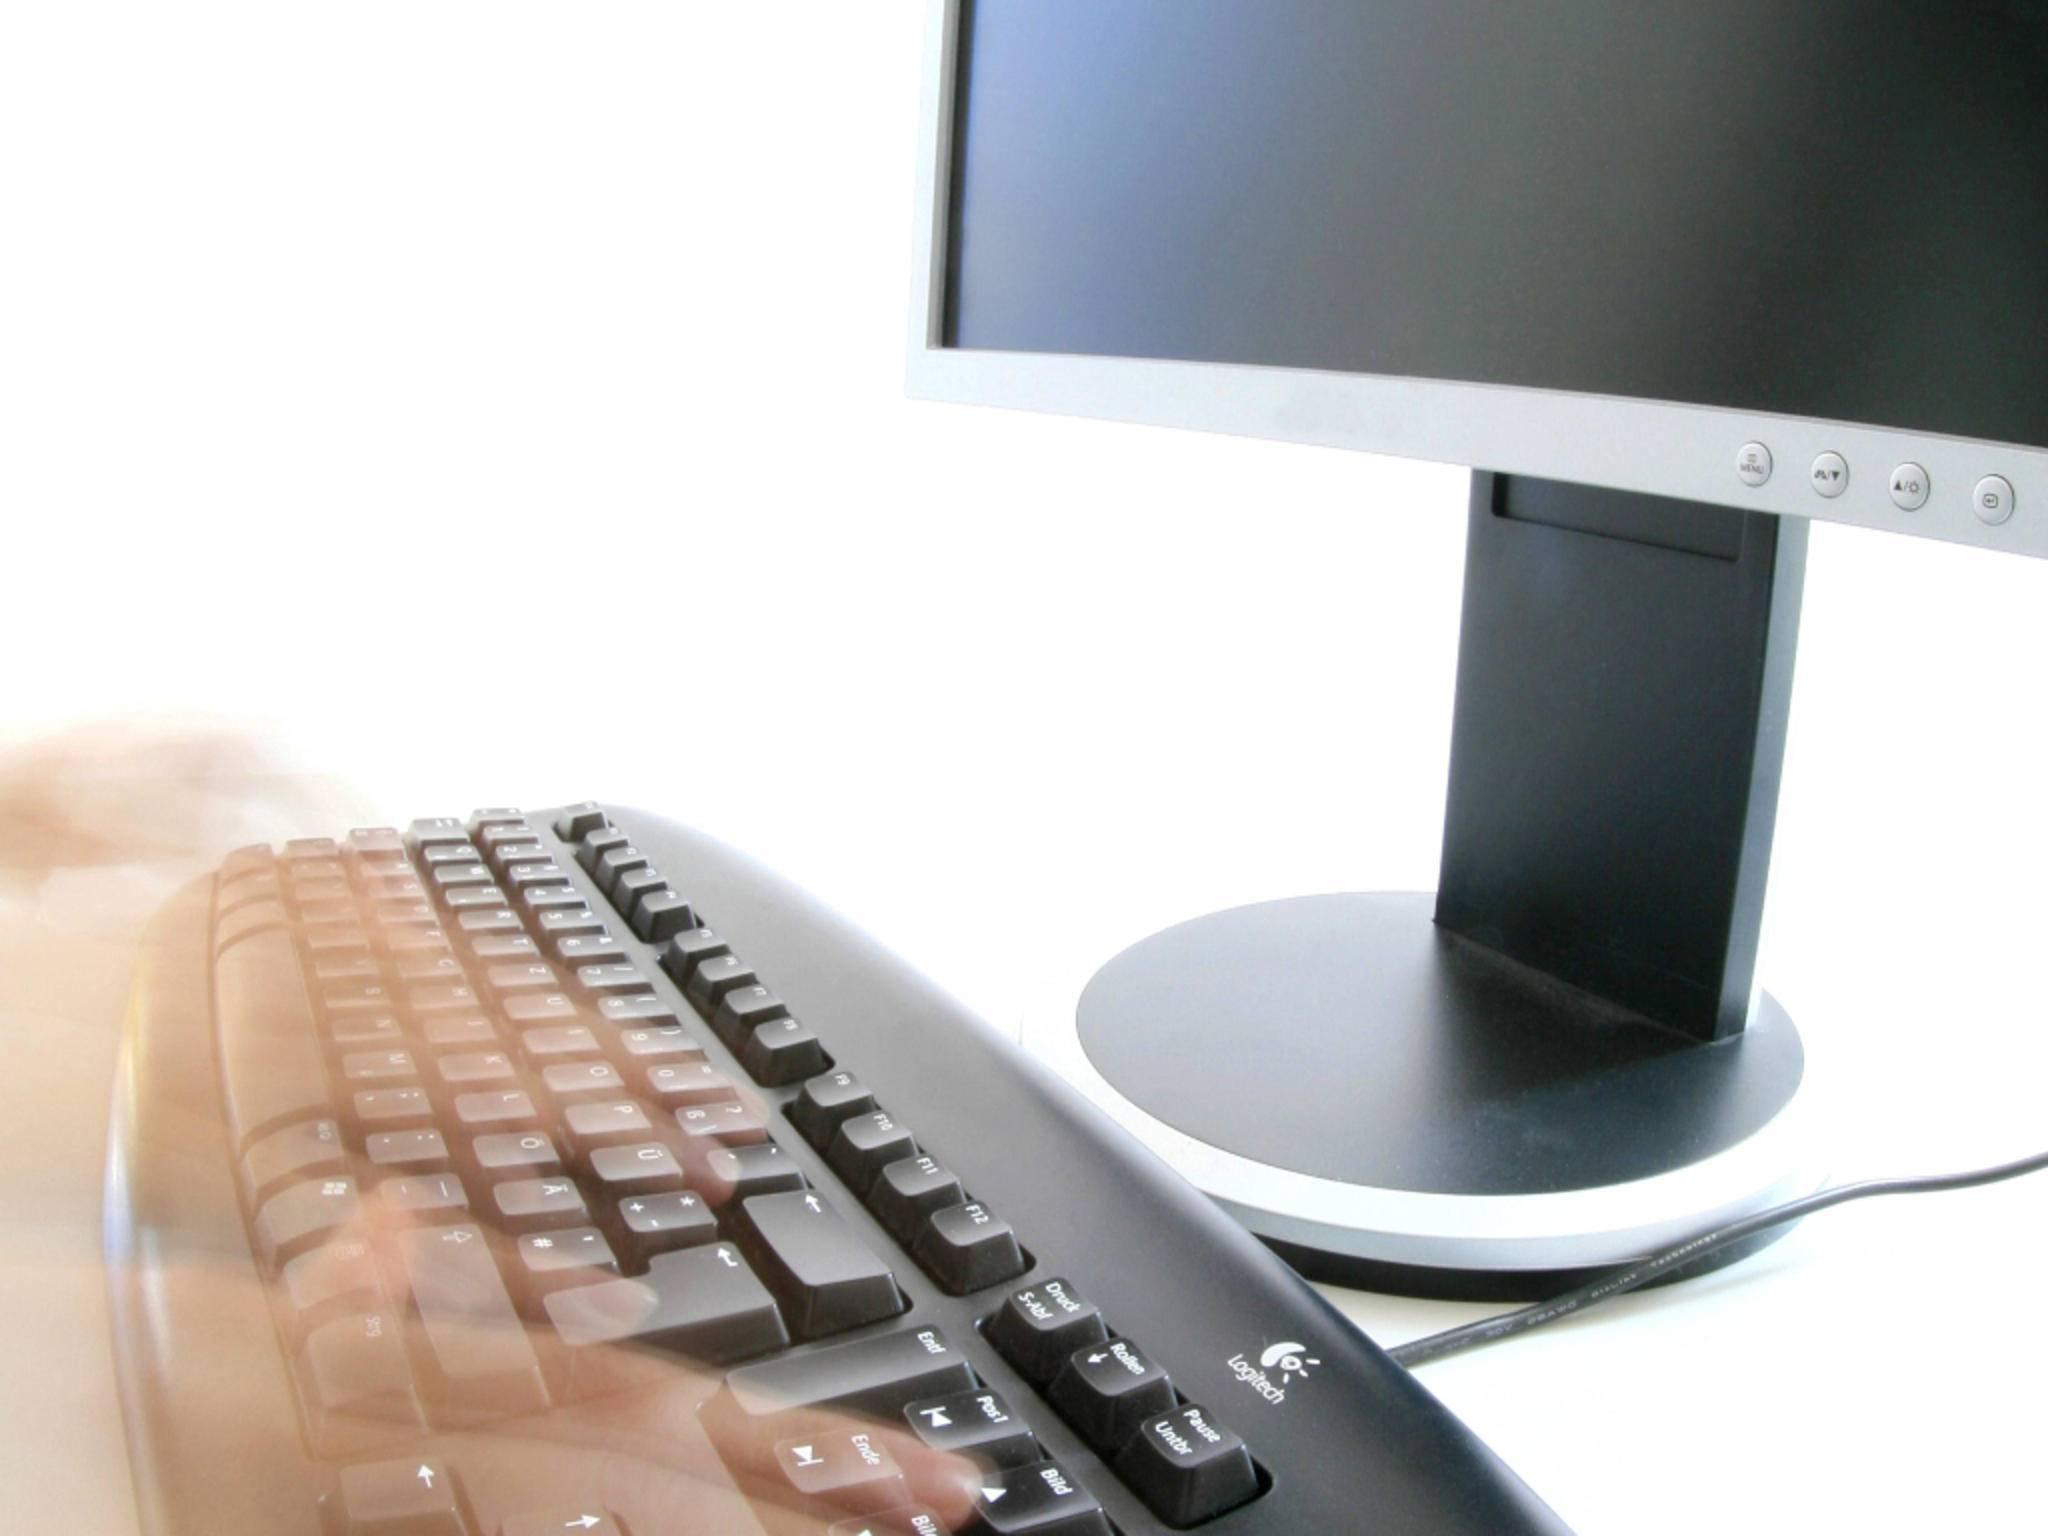 Mit dem Tool dccw lässt sich der Monitor recht einfach kalibrieren.